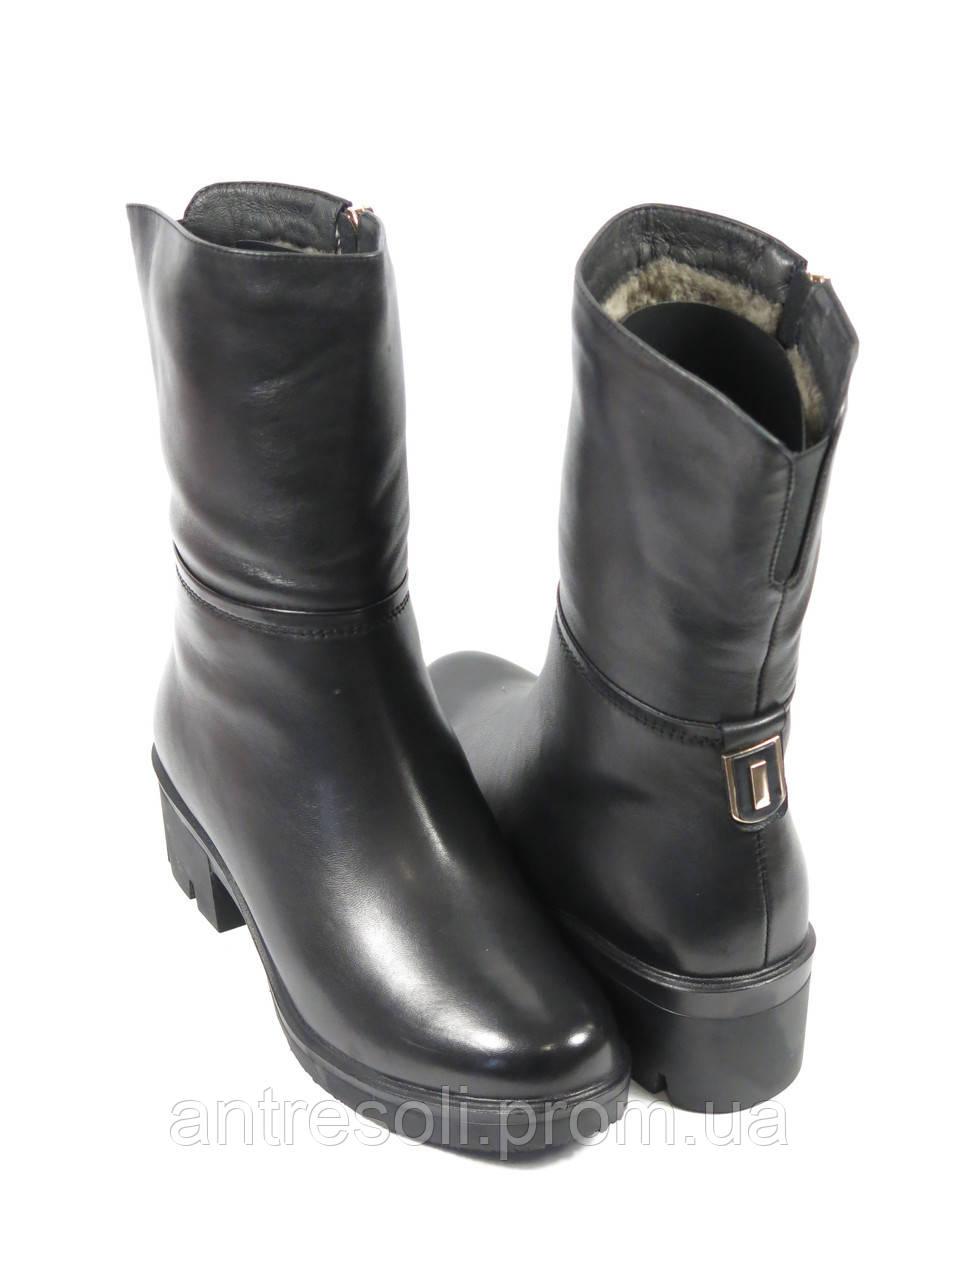 Женские зимние полусапожки на маленьком каблуке